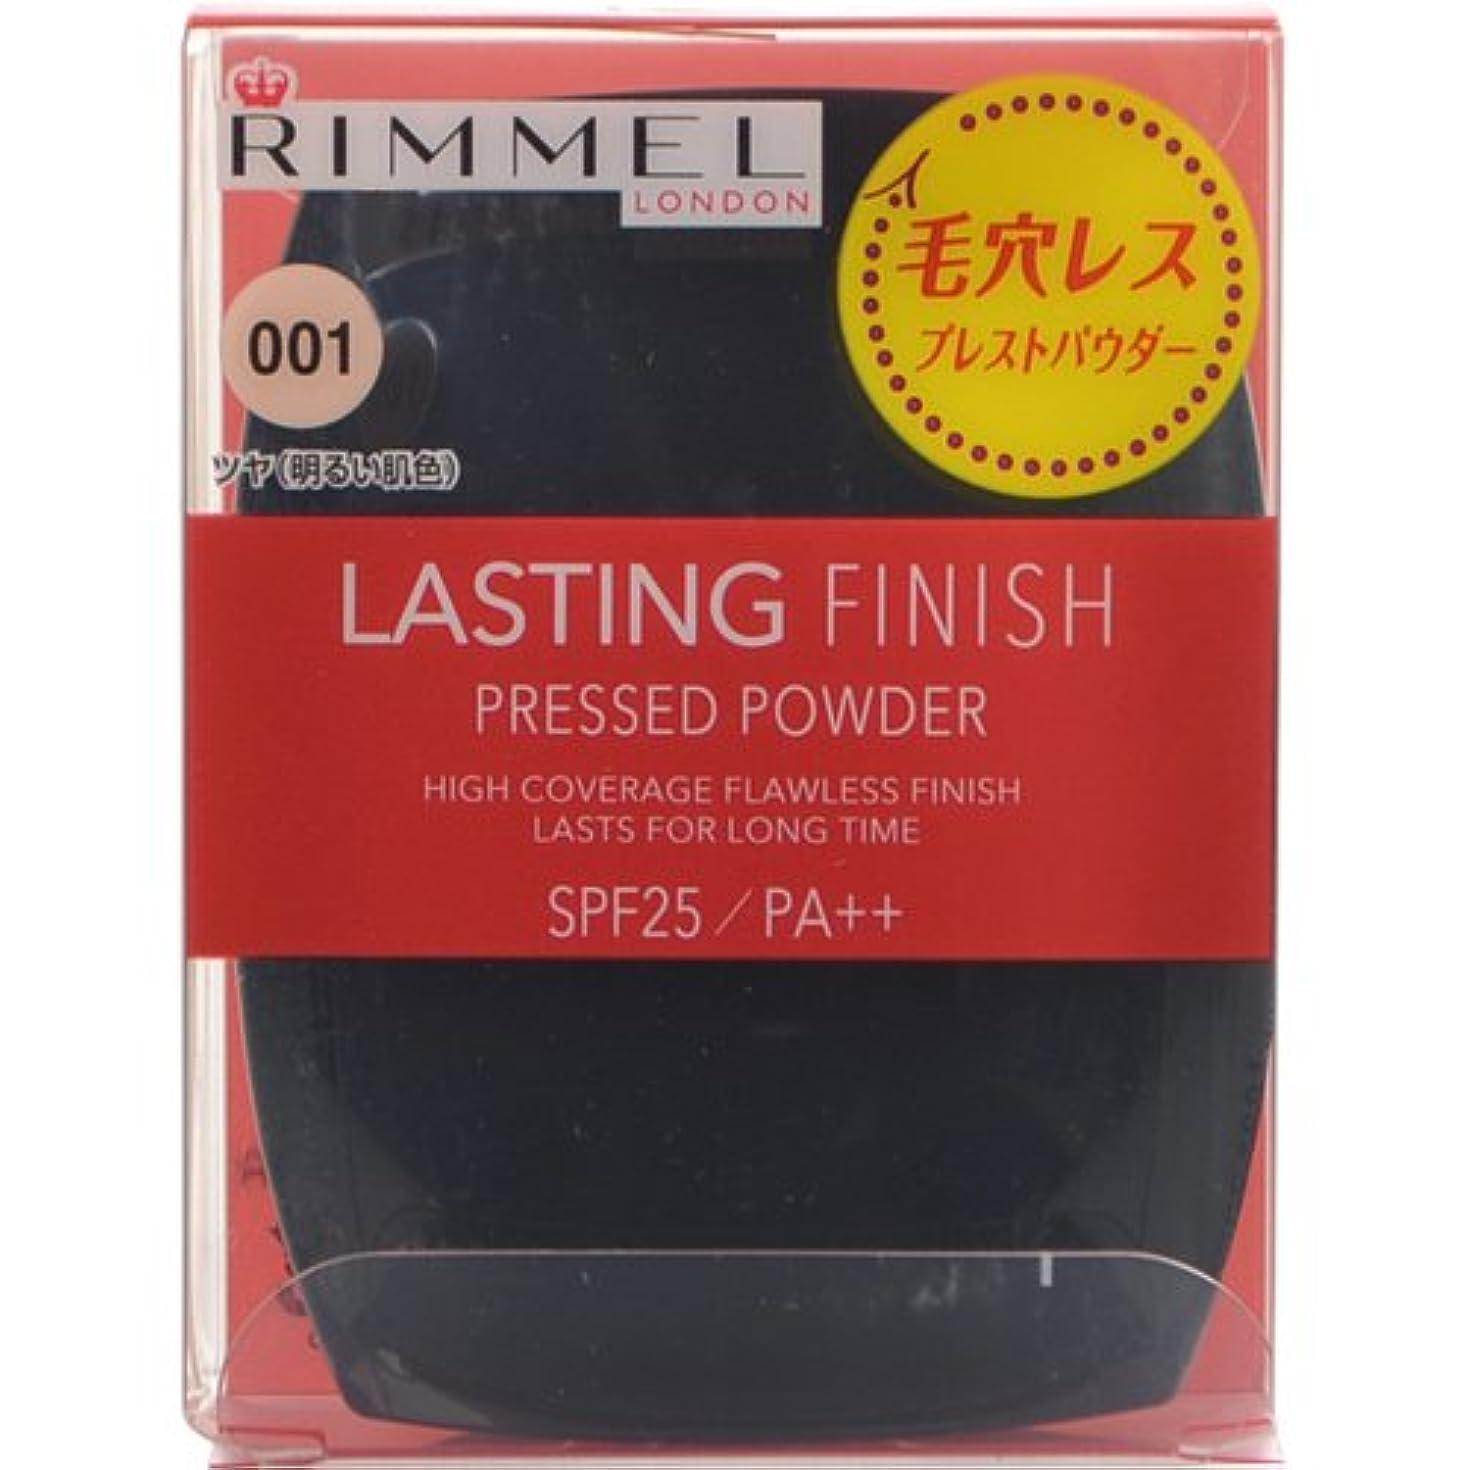 ヘルシー節約する乙女リンメル ラスティングプレストパウダー001 明るい肌色ツヤ肌 7g SPF25?PA++